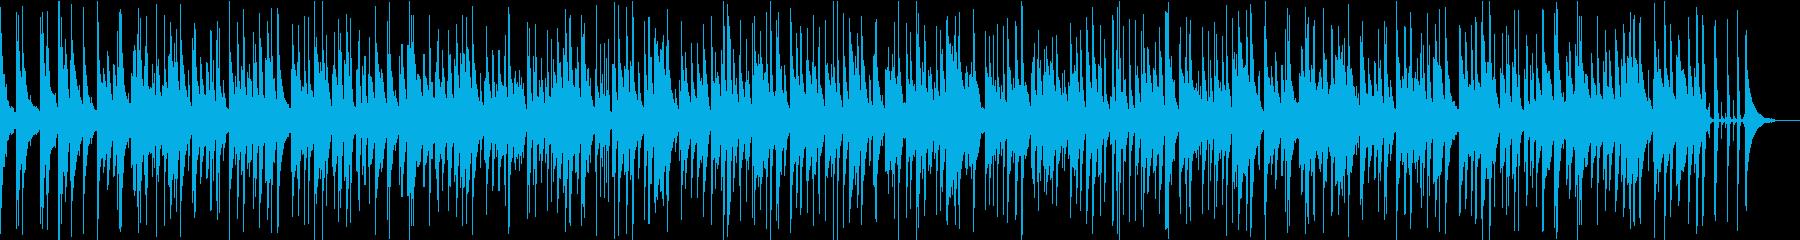 「ひいらぎかざろう」ジャズアレンジカバーの再生済みの波形